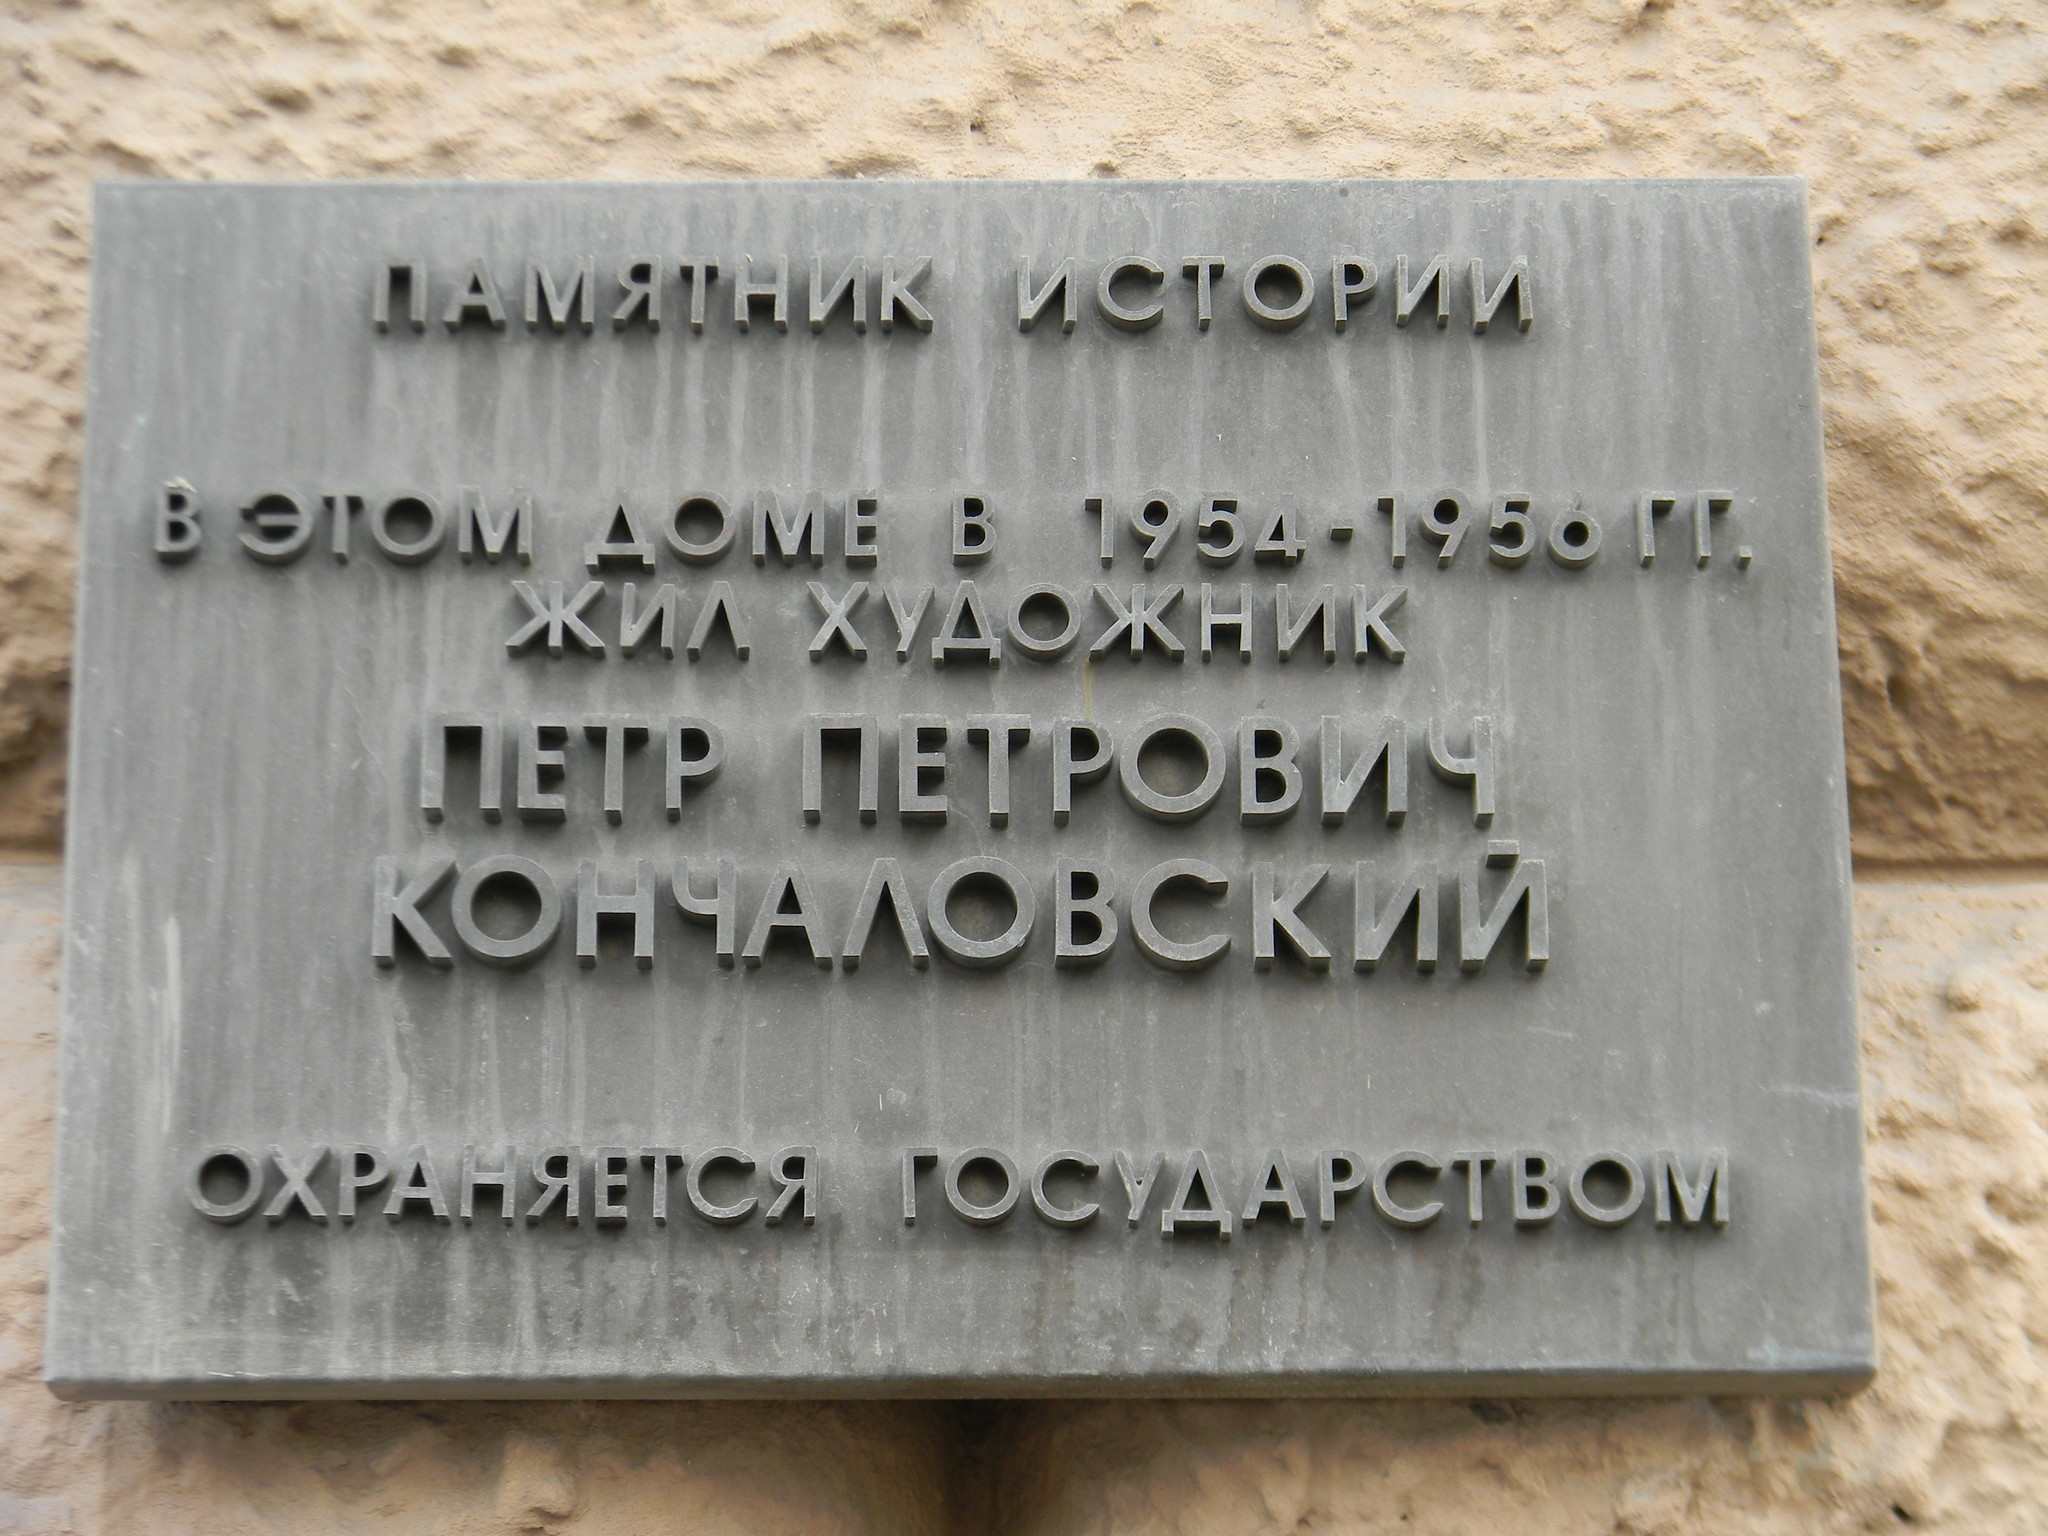 Мемориальная доска на фасаде дома (Новинский бульвар, дом 18), в котором в 1954-1956 годах жил художник Пётр Петрович Кончаловский